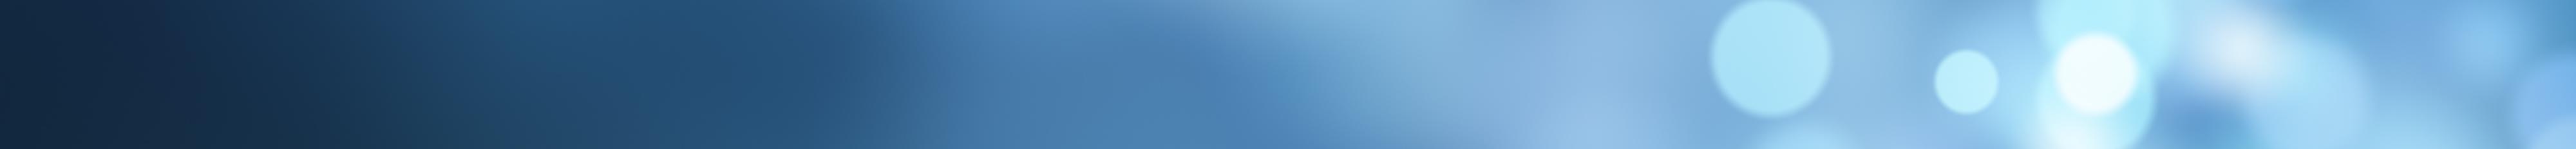 blue Visa Application Form For South Korea From Nepal on argentina visa application form, france visa application form, new zealand visa application form, cyprus visa application form, afghanistan visa application form, vietnam visa application form, philippines visa application form, indian visa application form, laos visa application form, canada visa application form, belgium visa application form, united kingdom visa application form, spain visa application form, ghana visa application form, kuwait visa application form, nigeria visa application form, malaysia visa application form, ukraine visa application form, united states visa application form, china visa application form,